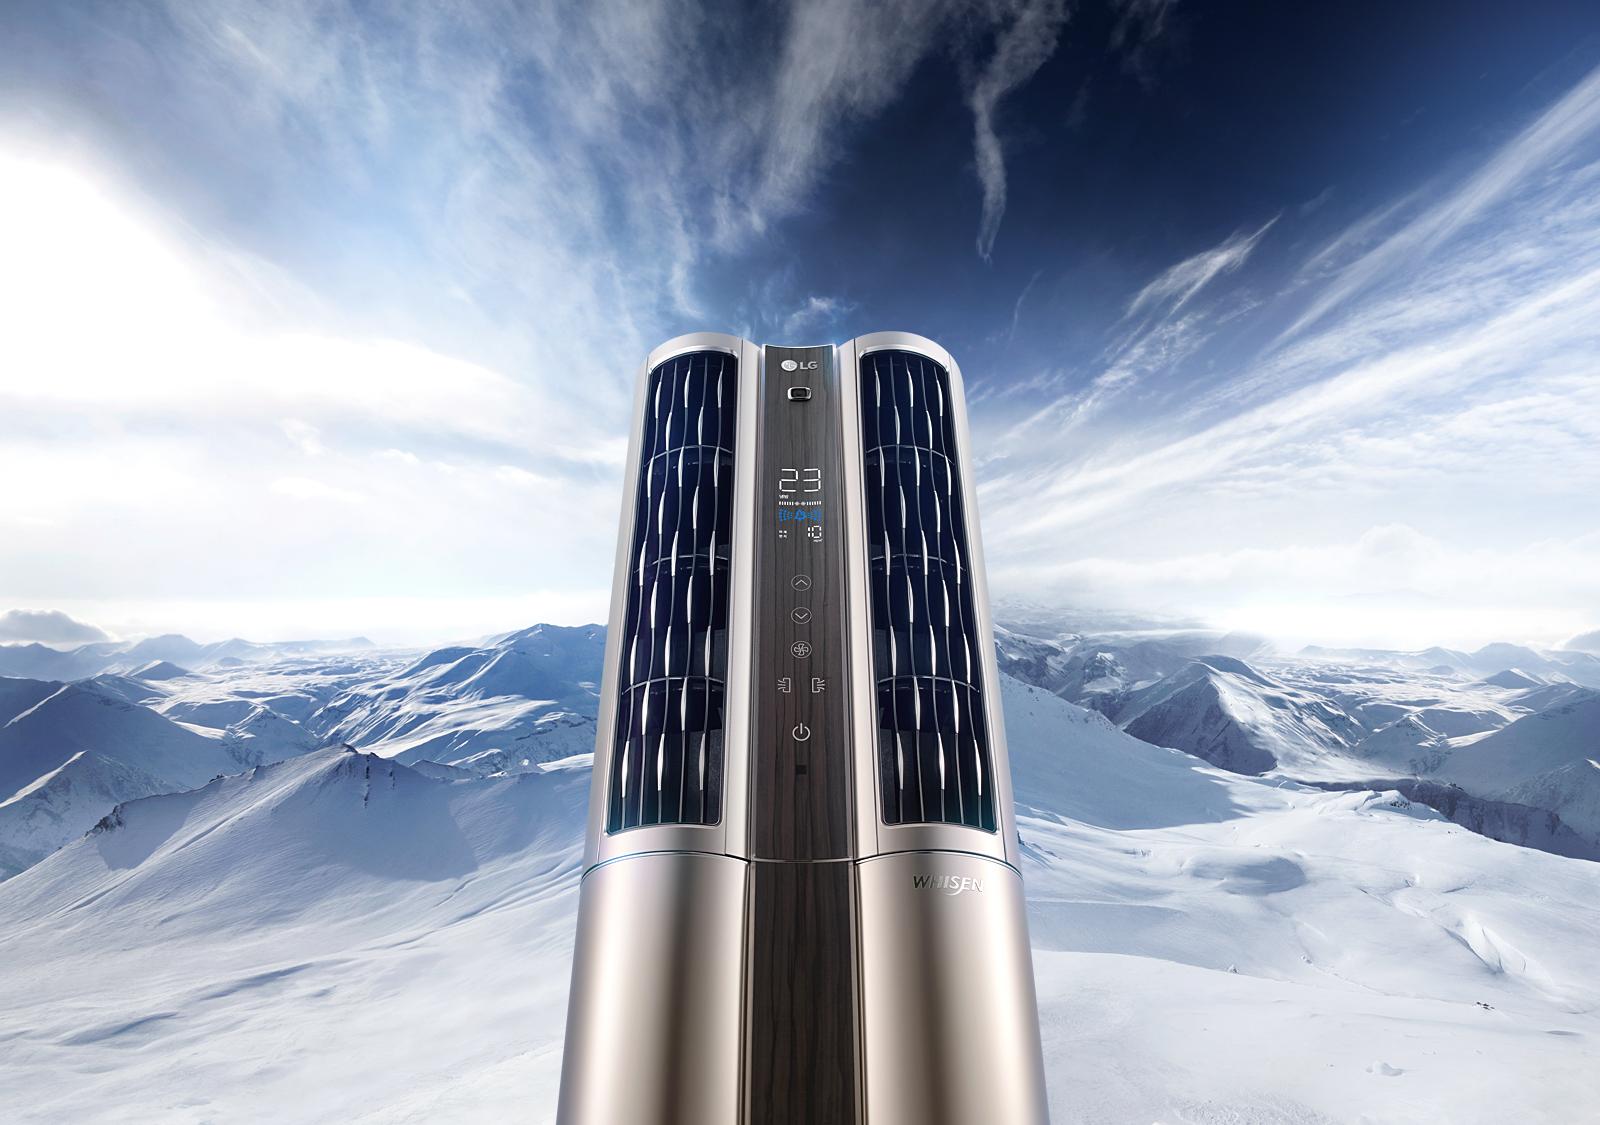 스마트 듀얼 냉방 시스템 에어컨 이미지